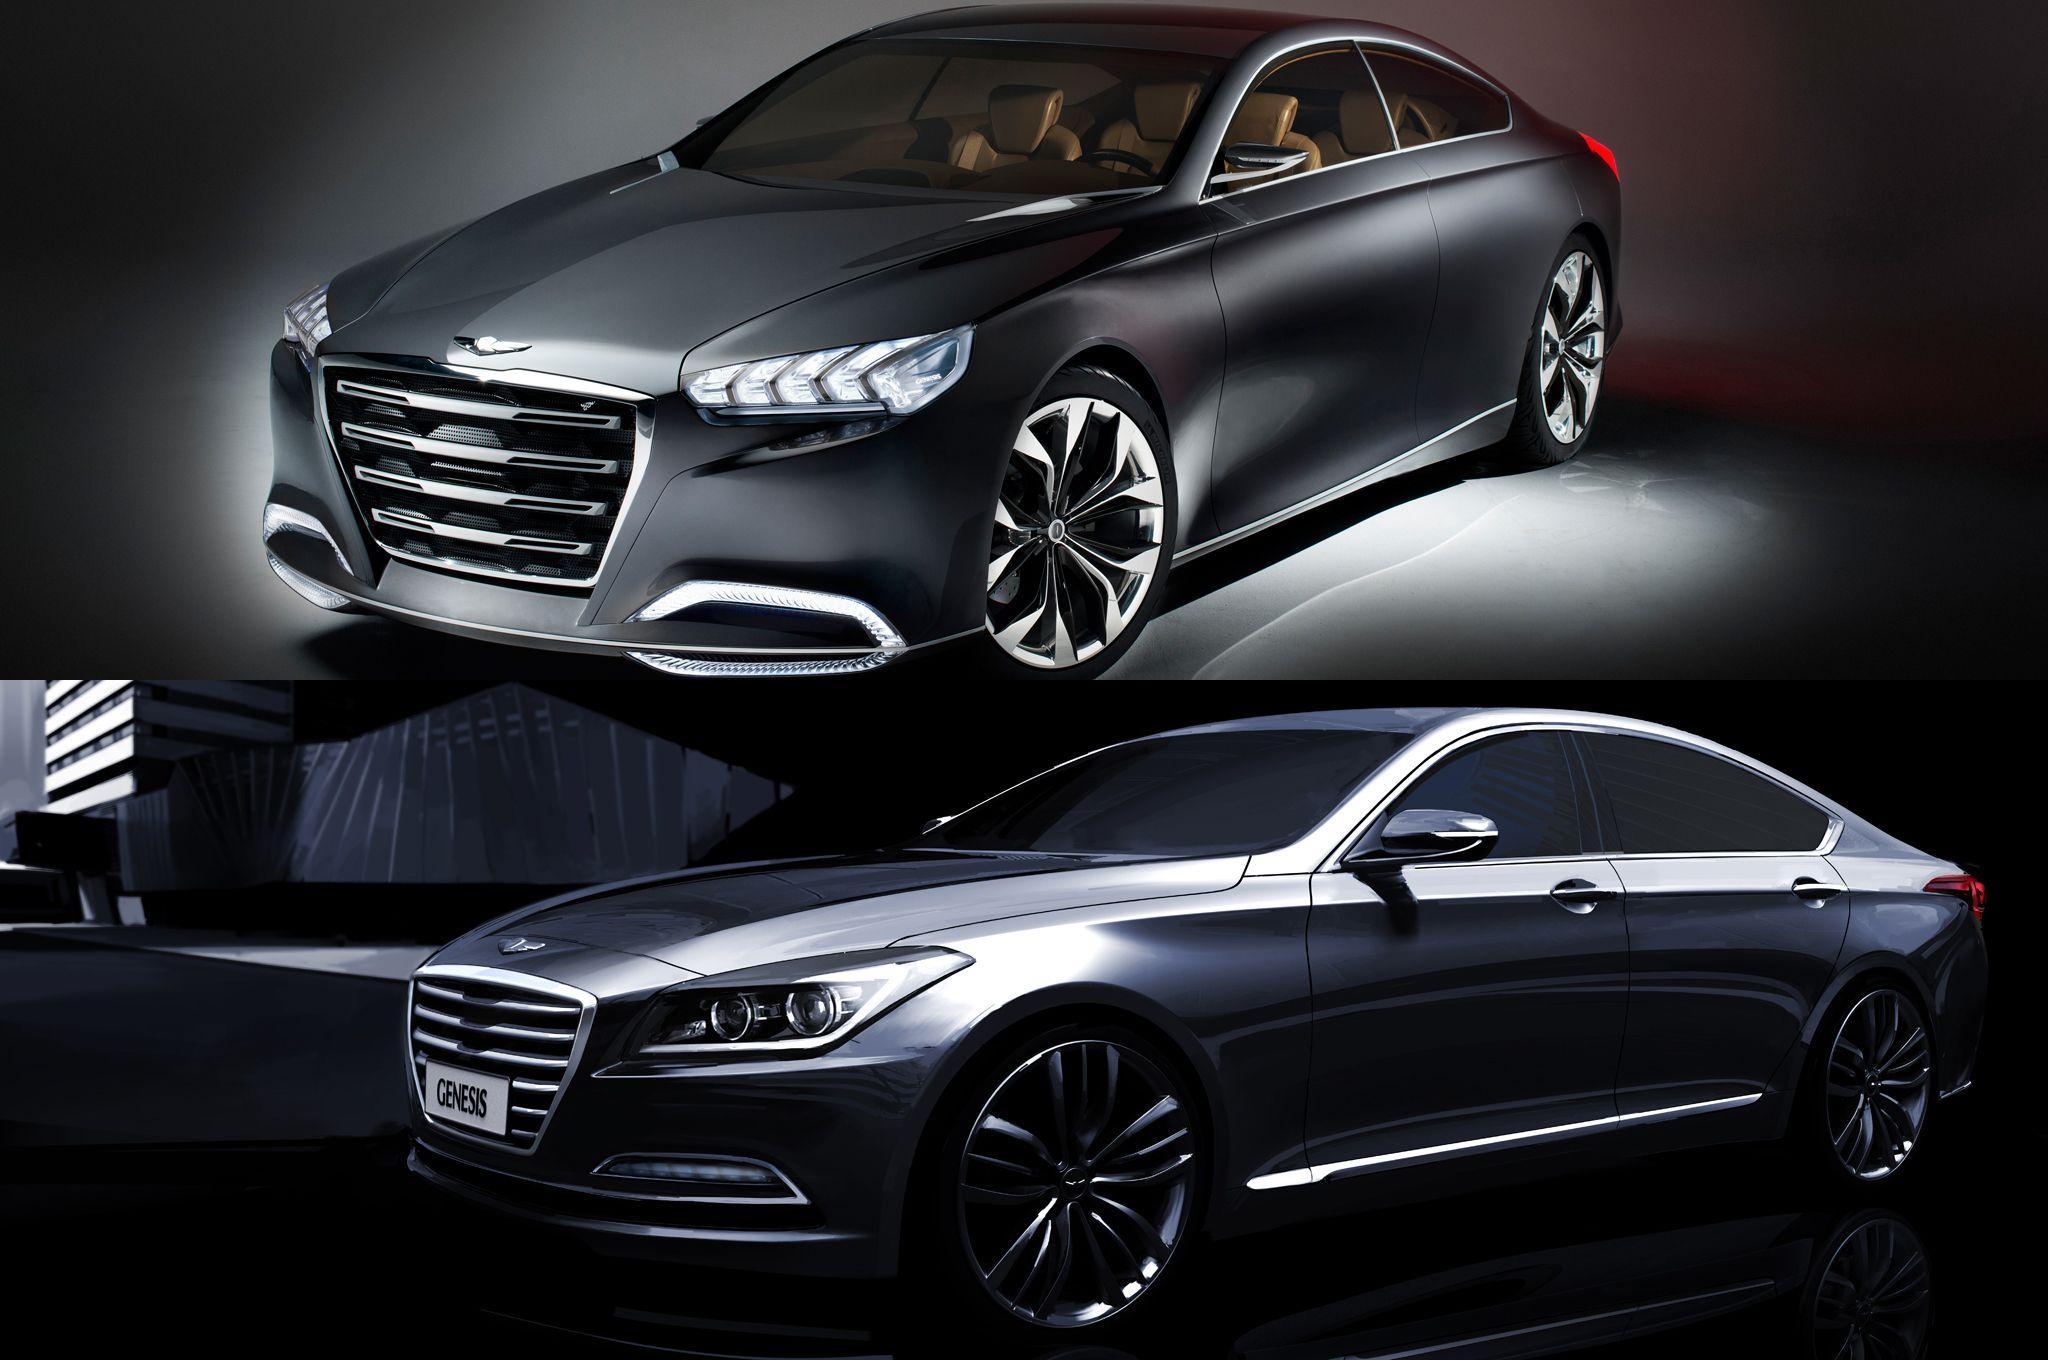 hyundai concept ( hyundai genesis luxury conceptcars